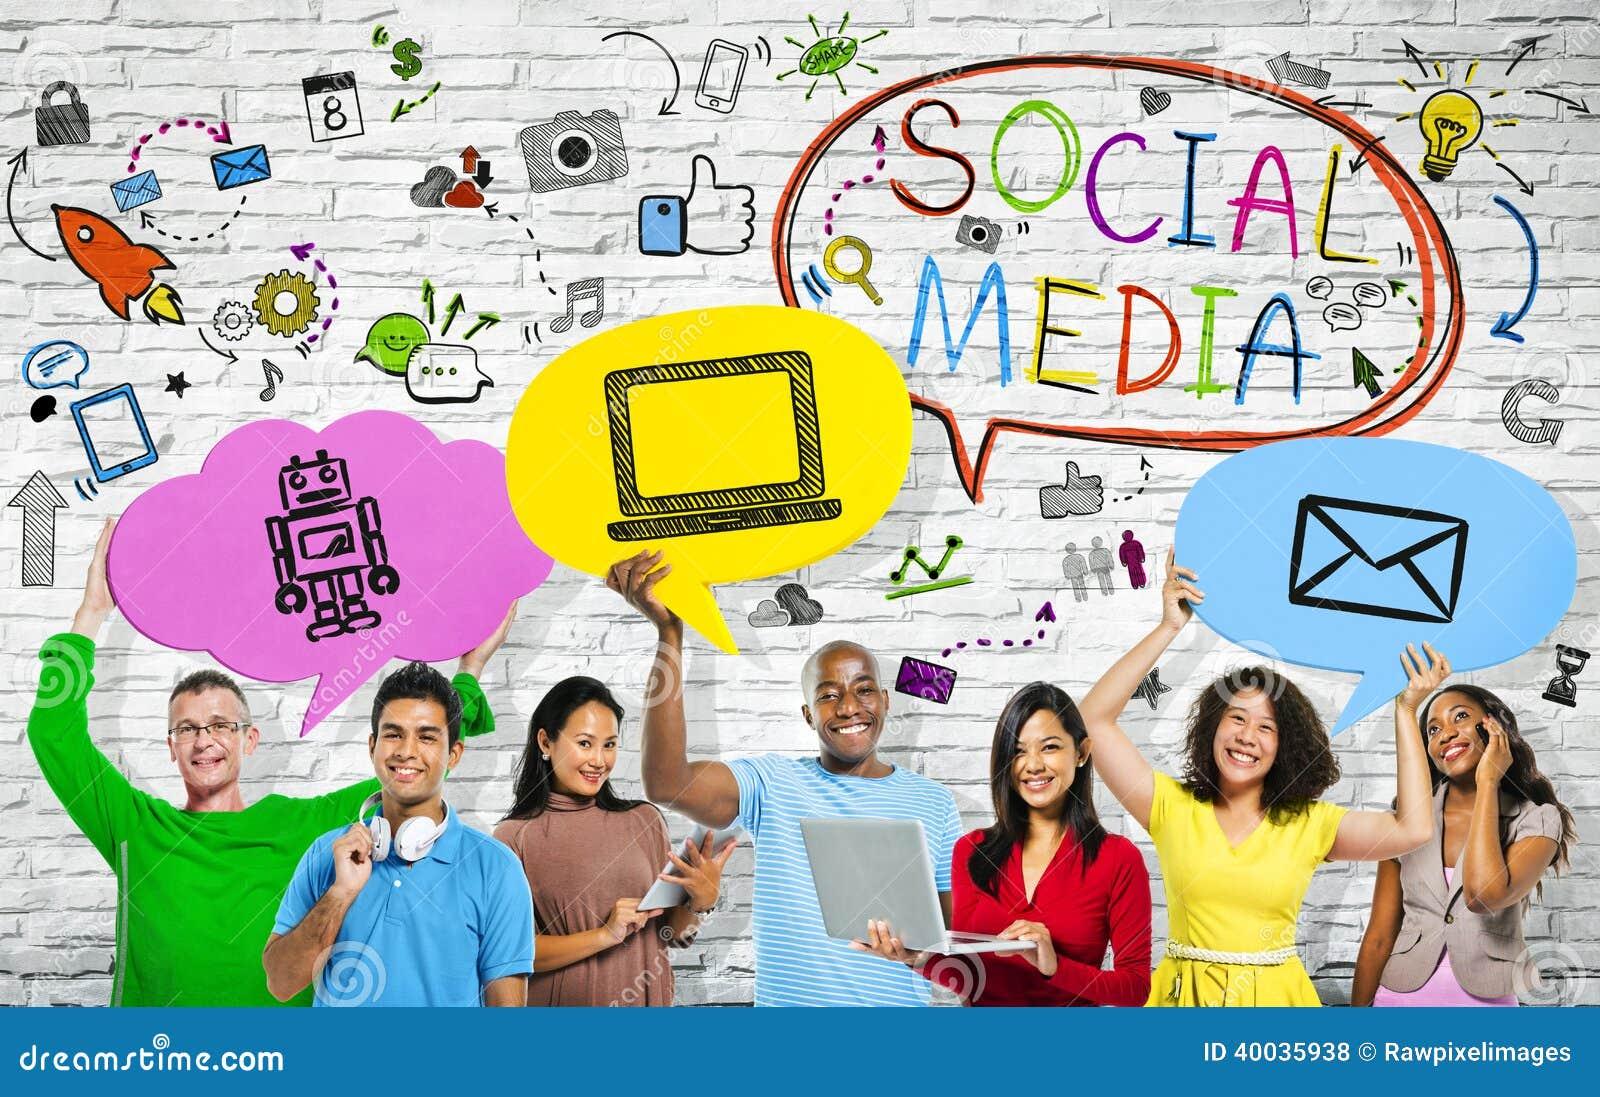 Sociala massmediabegrepp med enperson som tillhör en etnisk minoritet grupp människor